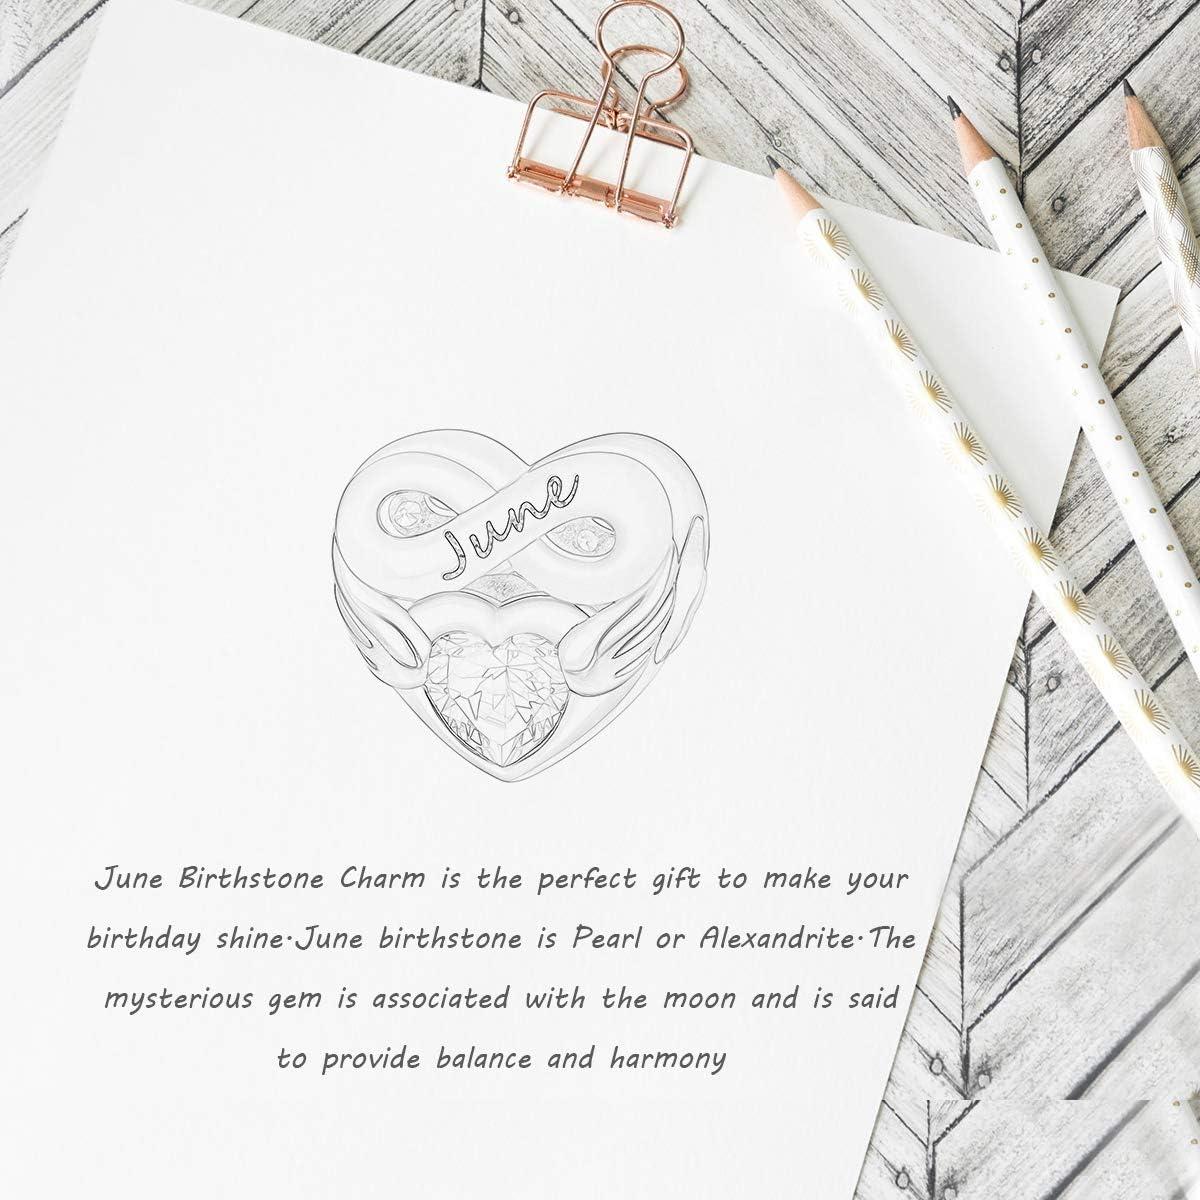 colgante de coraz/ón FOREVER QUEEN Abalorio de coraz/ón con piedra natal para mujer para pulsera plata de ley 925 regalo de cumplea/ños con caja de regalo